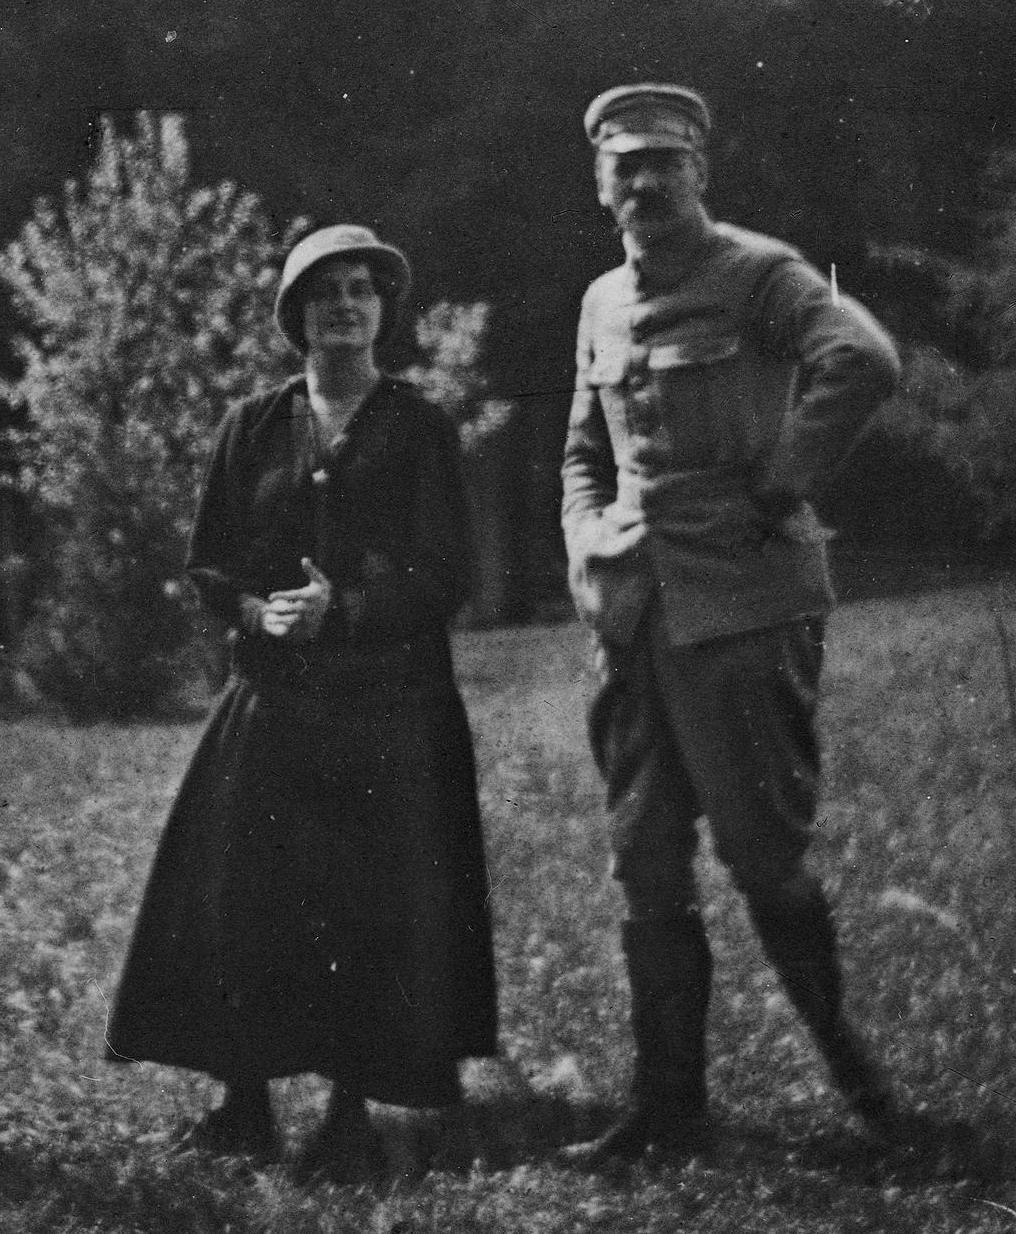 Piłsudski i Szczerbińska podczas pobytu w Zakopanem w 1916 roku. Dziesięć lat wcześniej Józef opowiadał jej co zrobi jak już przejmie władzę w niepodległej Polsce.